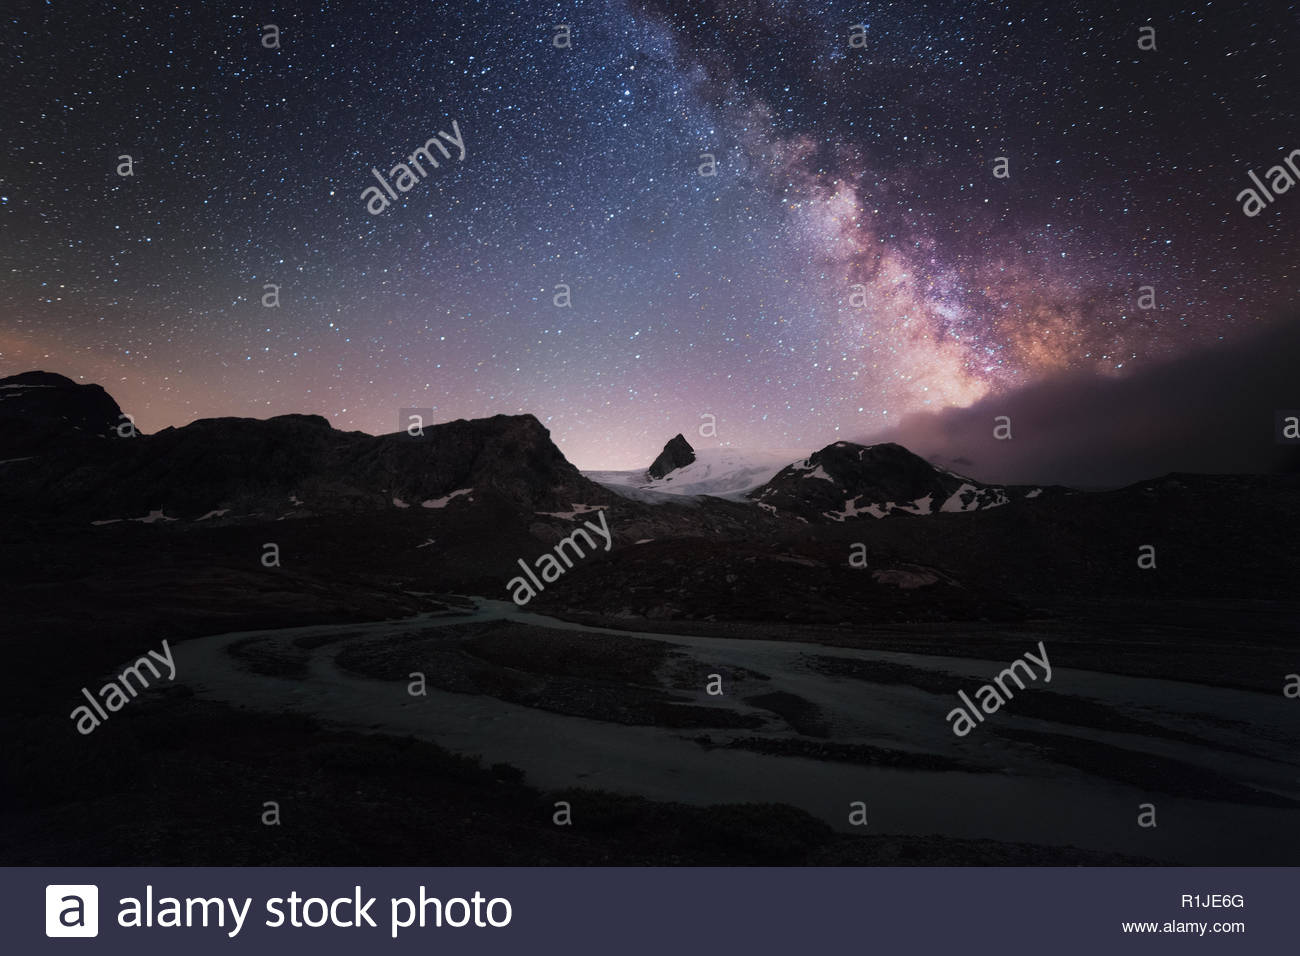 Milky Way over glacier runoff, Plateau de Rutor, La Thuile, Aosta Valley, Italy - Stock Image